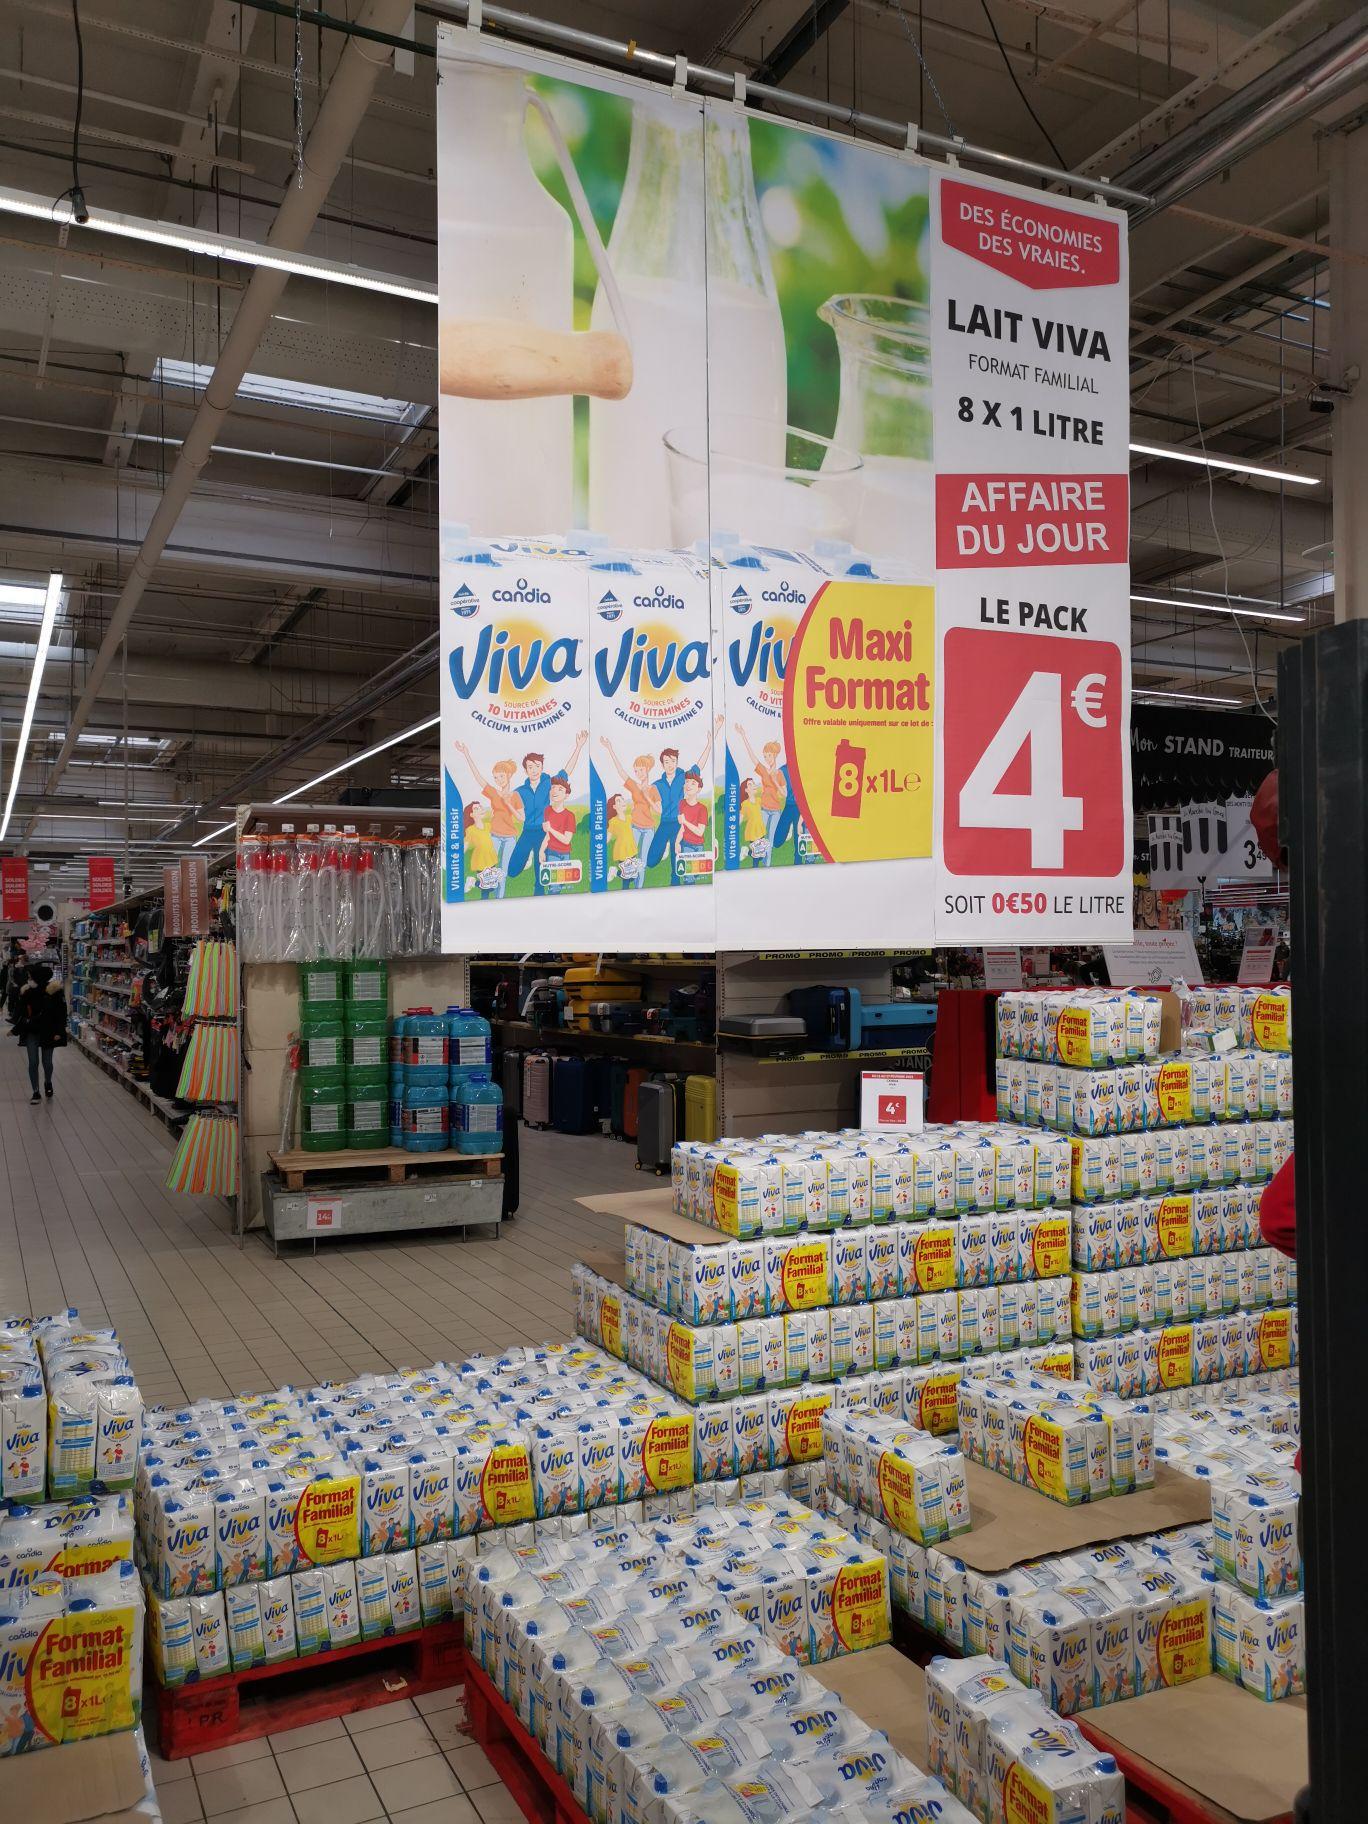 Paquet de 8 bouteilles de Lait Candia Viva 10 vitamines (Saint-Priest 69)